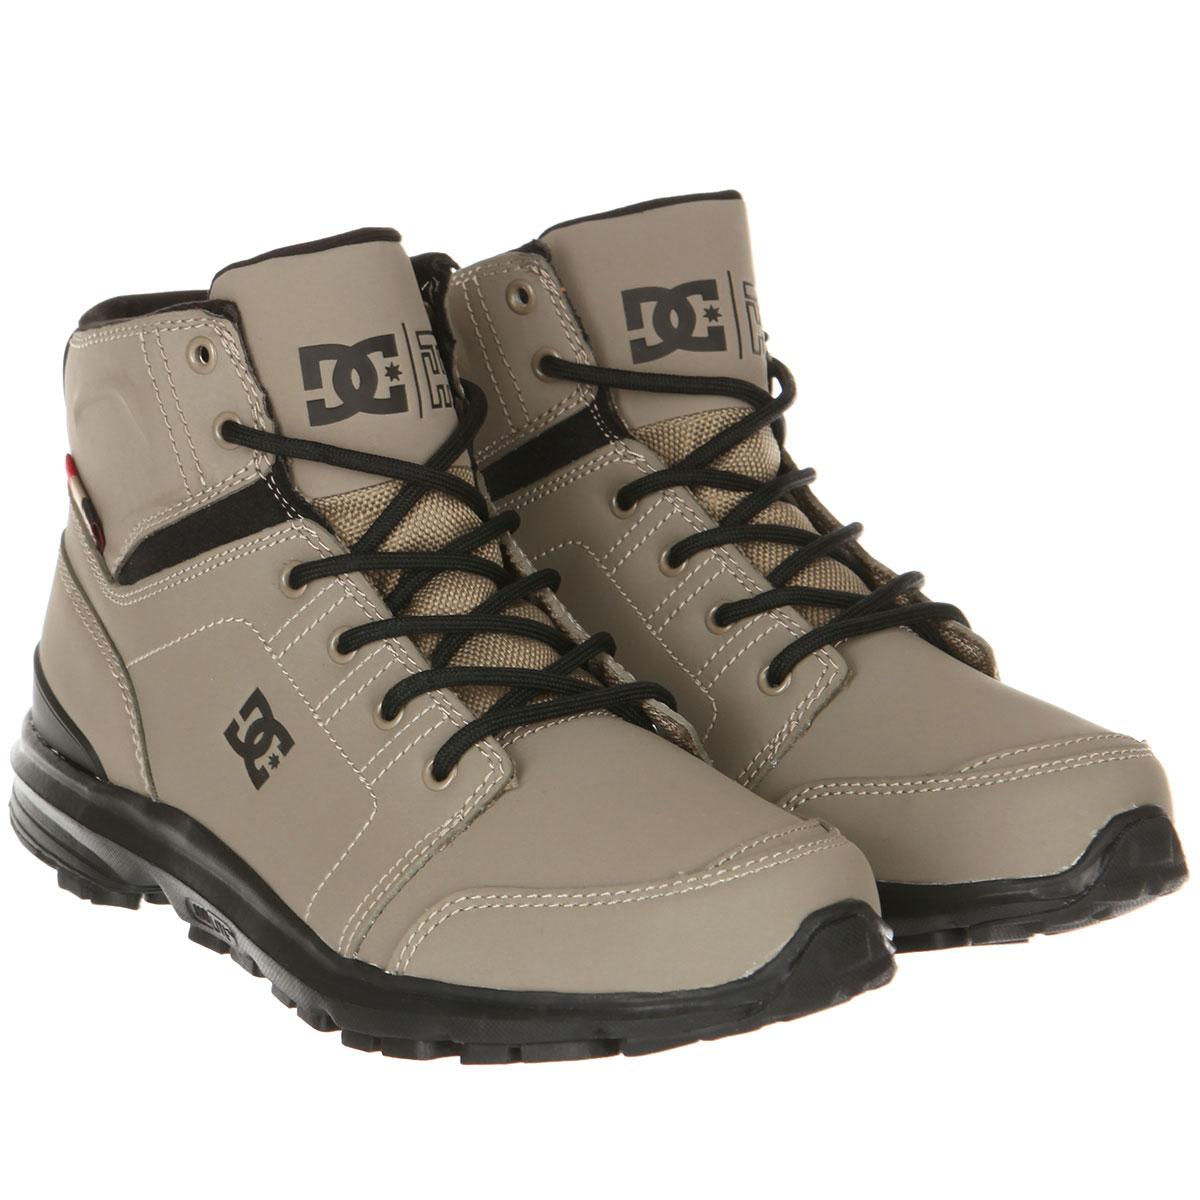 a34c56a72d81 Купить ботинки высокие DC Torstein Timber (ADMB700008-TMB) в ...